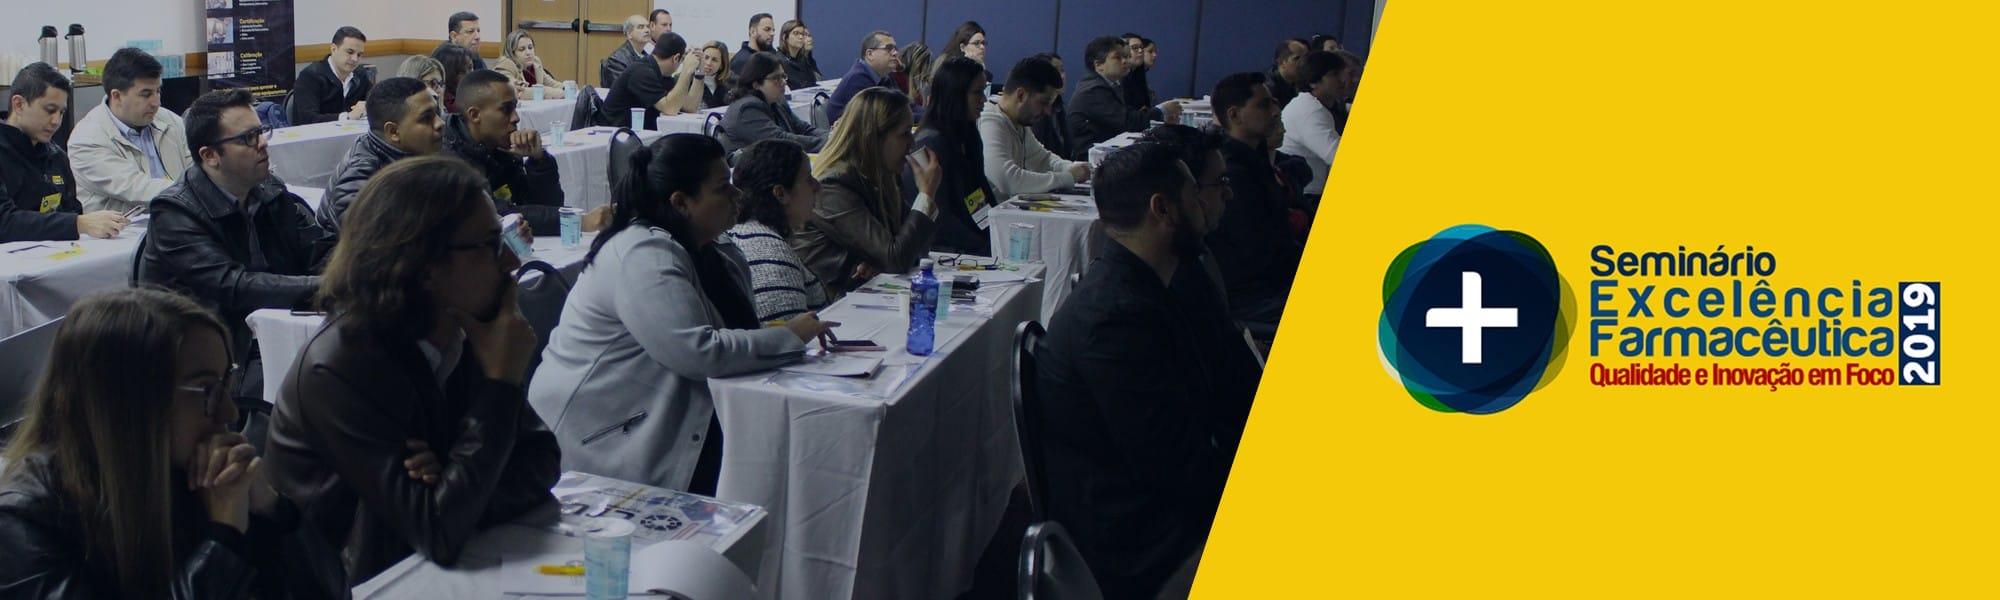 Seminário Excelência Farmacêutica 2019.